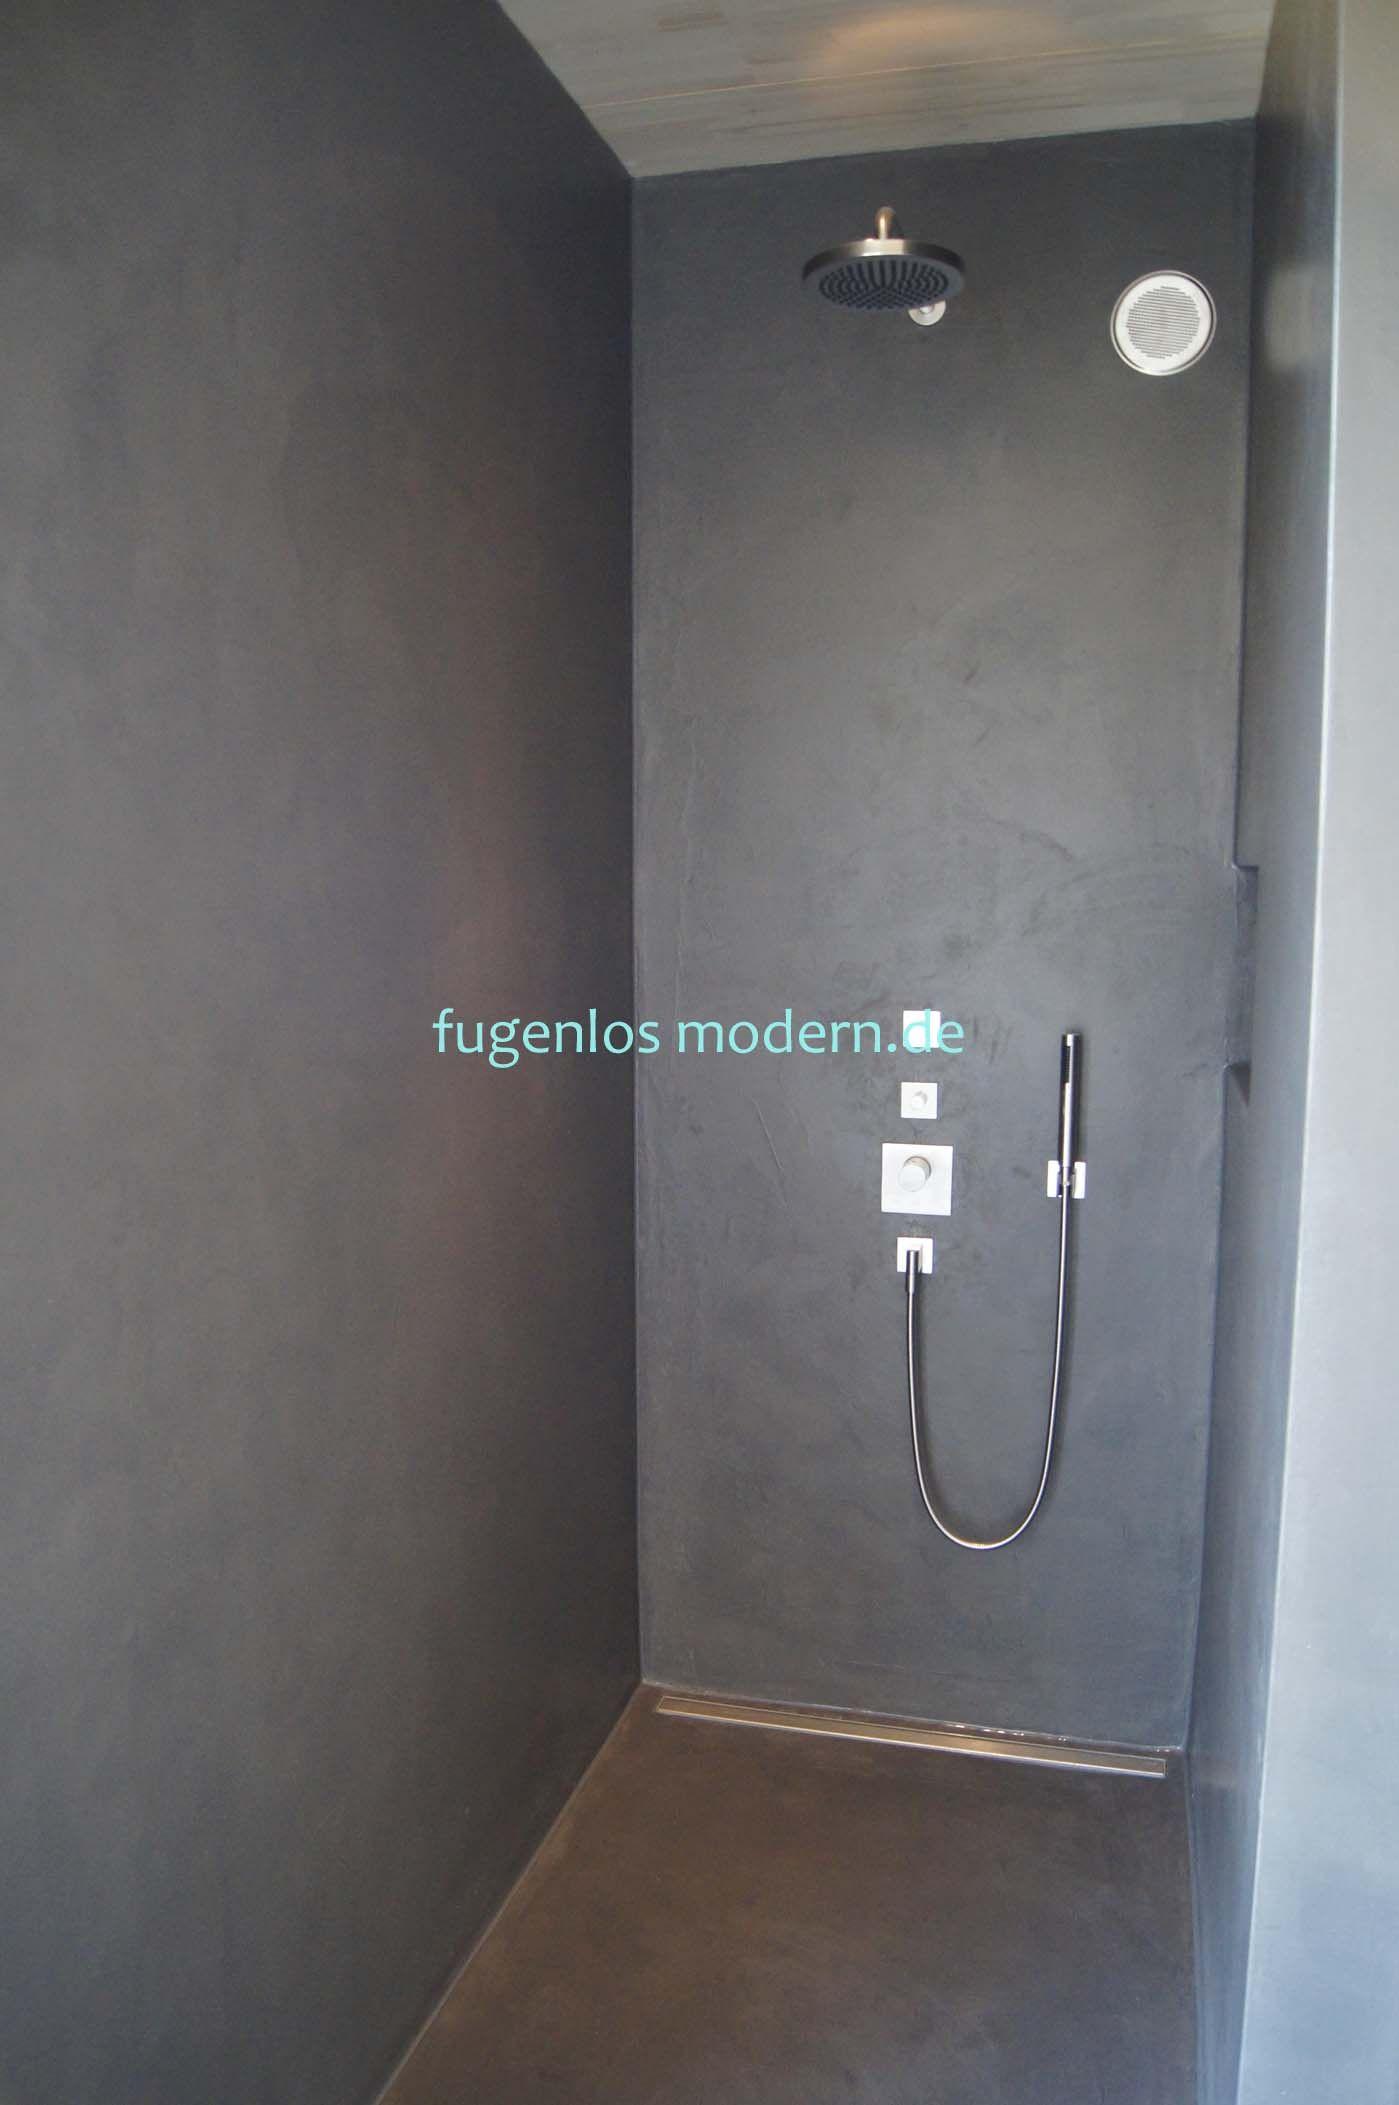 Dusche Ohne Fugen Aus Zement Gespachtelt In Farbton Lava By Fugenlos Modern De Moderne Dusche Badezimmer Fliesen Beton Badezimmer